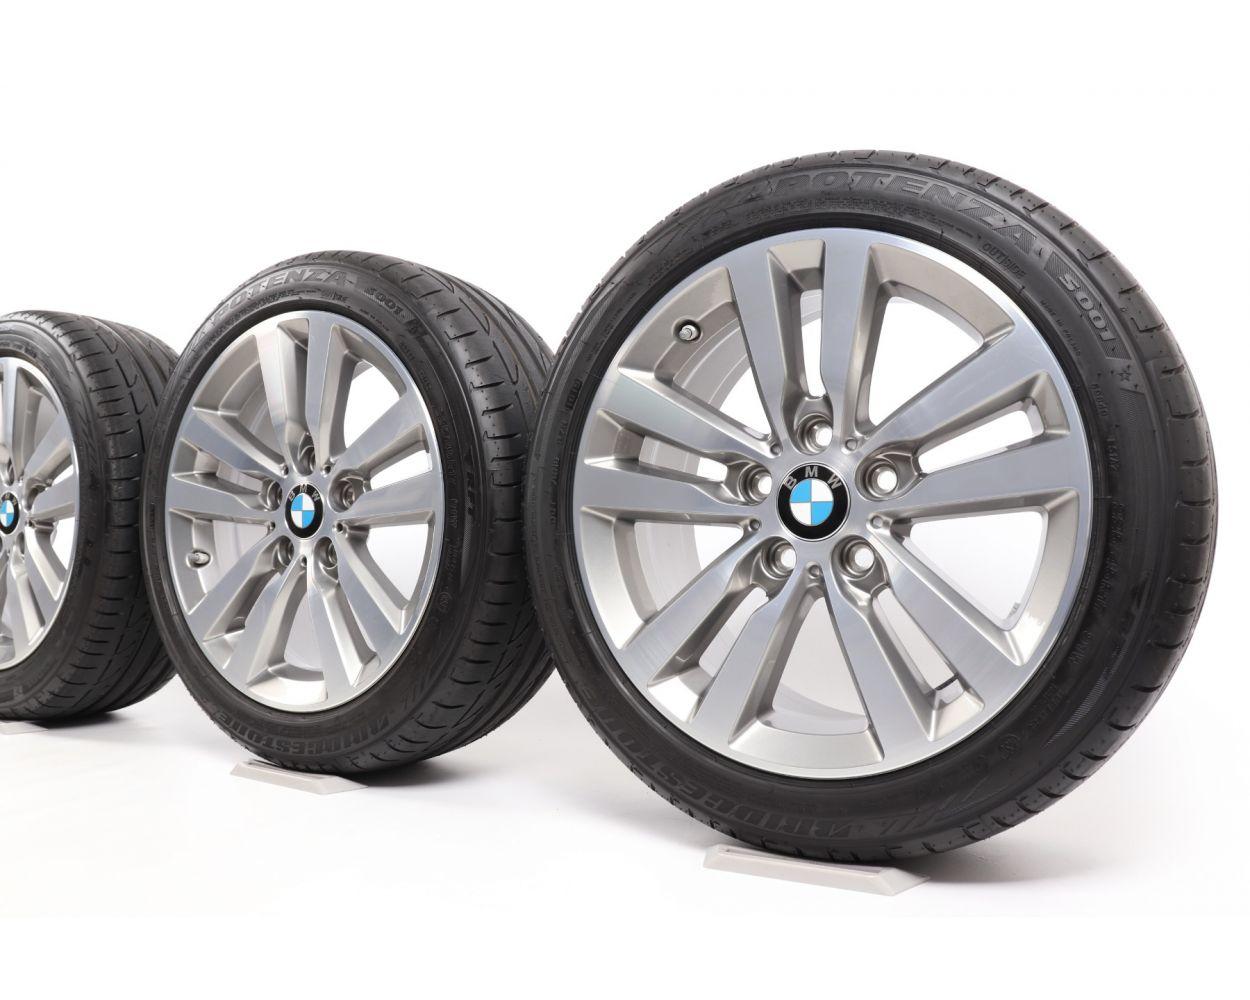 Bmw Summer Wheels 1er F20 F21 2er F22 F23 17 Zoll 655 Double Spoke Ferricgrey